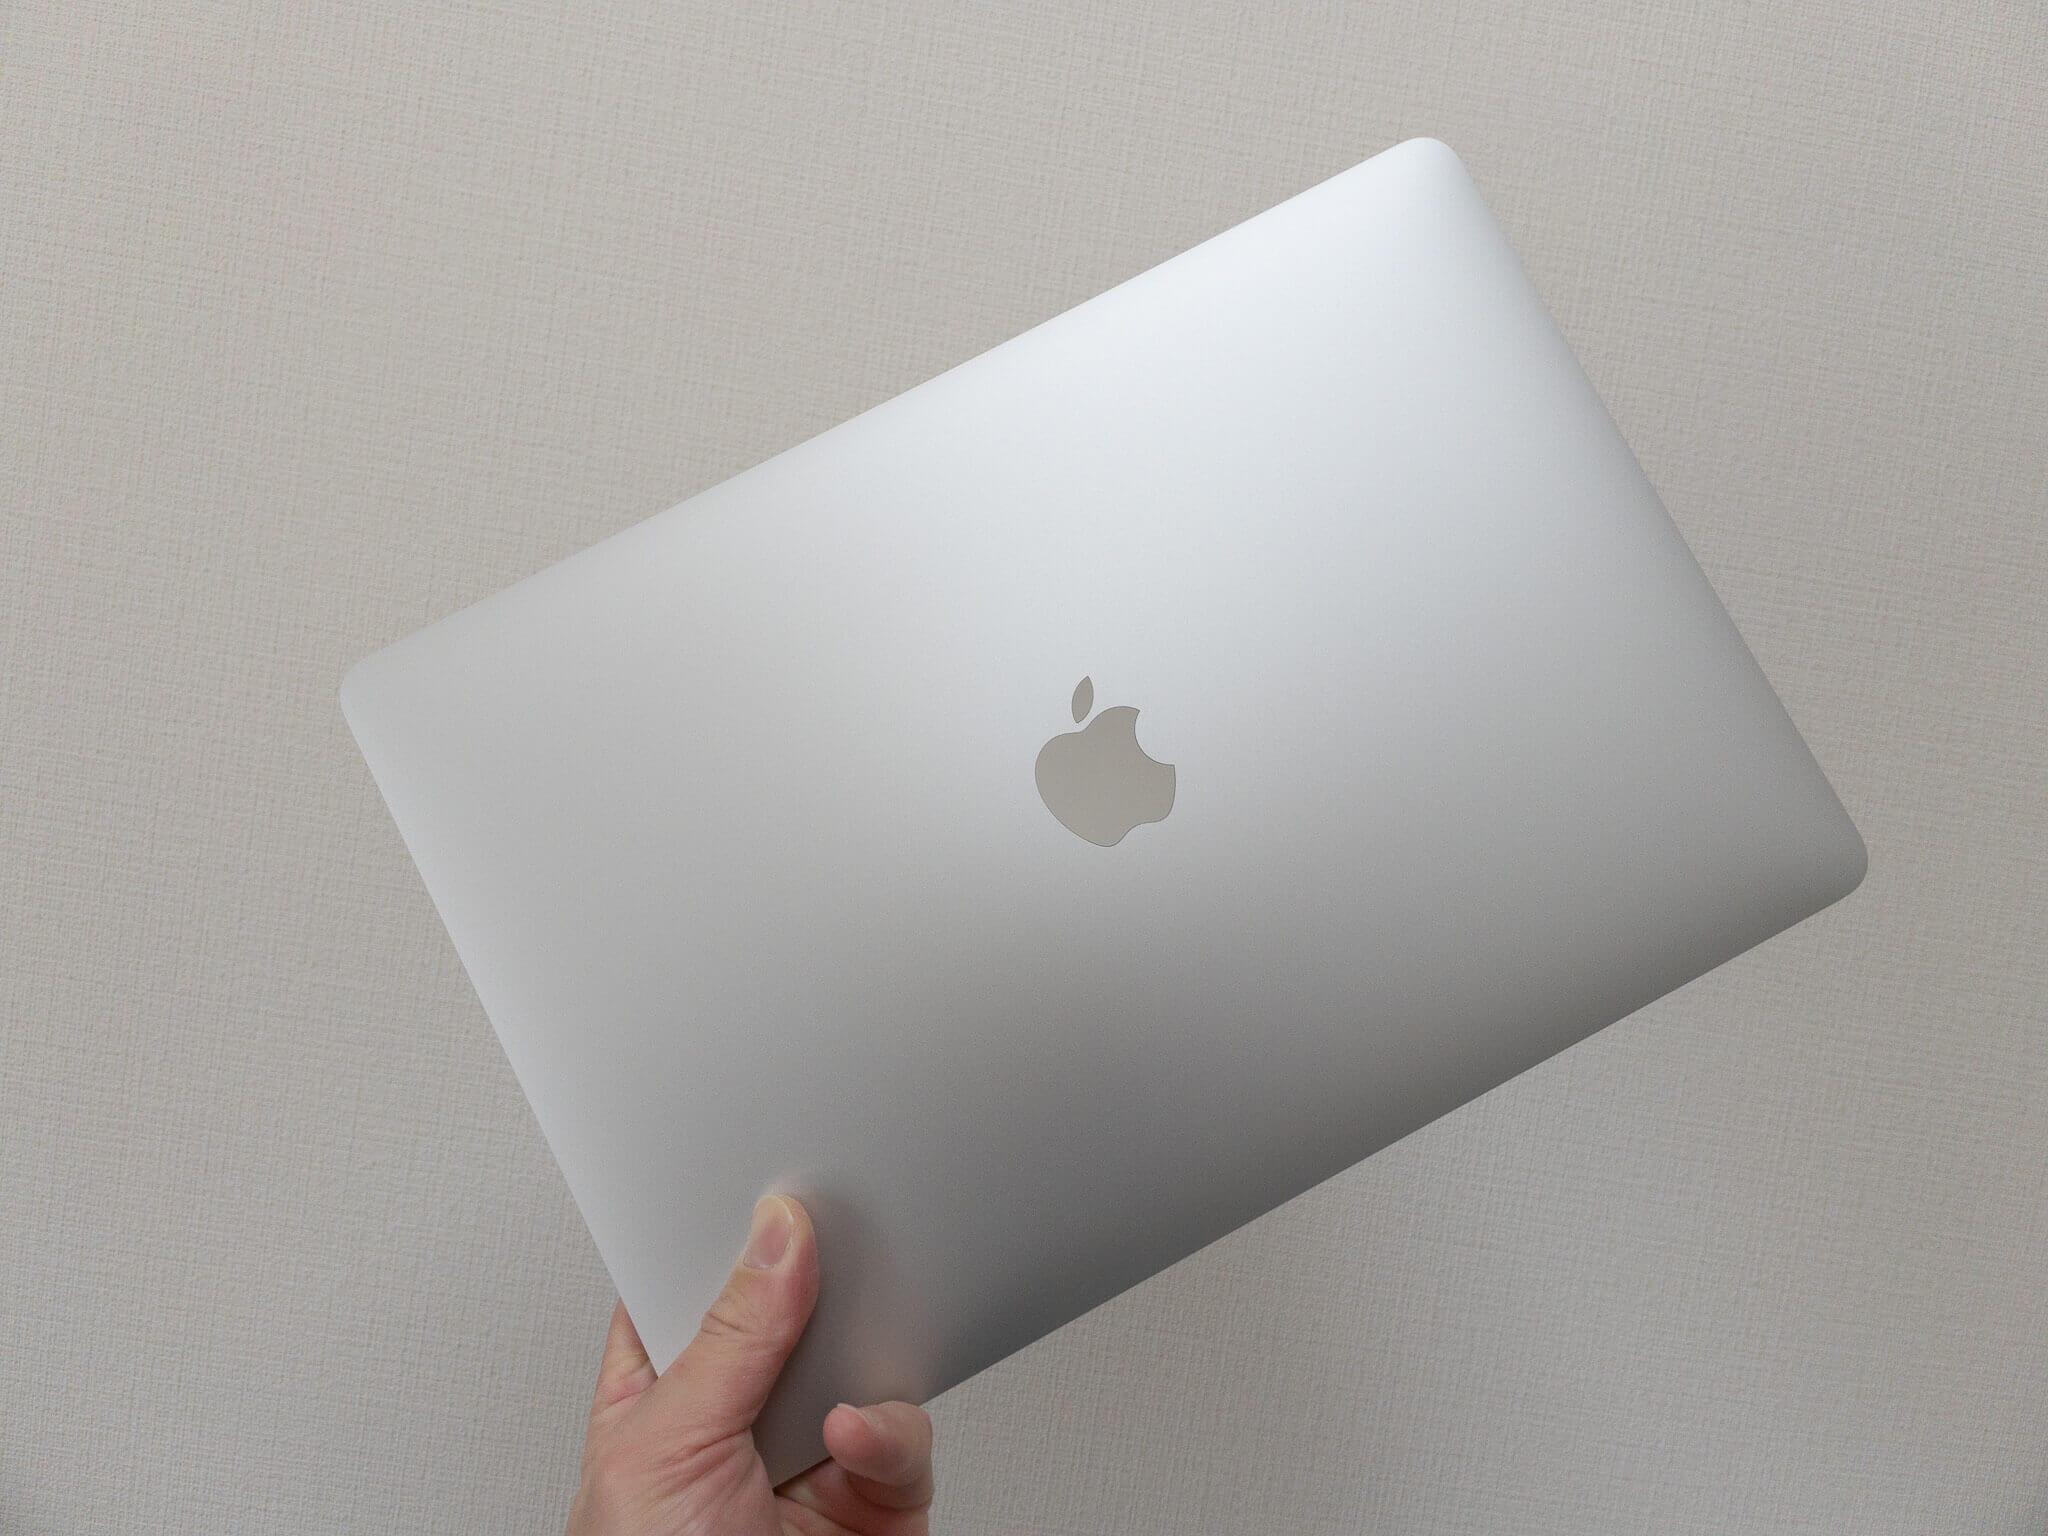 210223 m1 macbook air 1